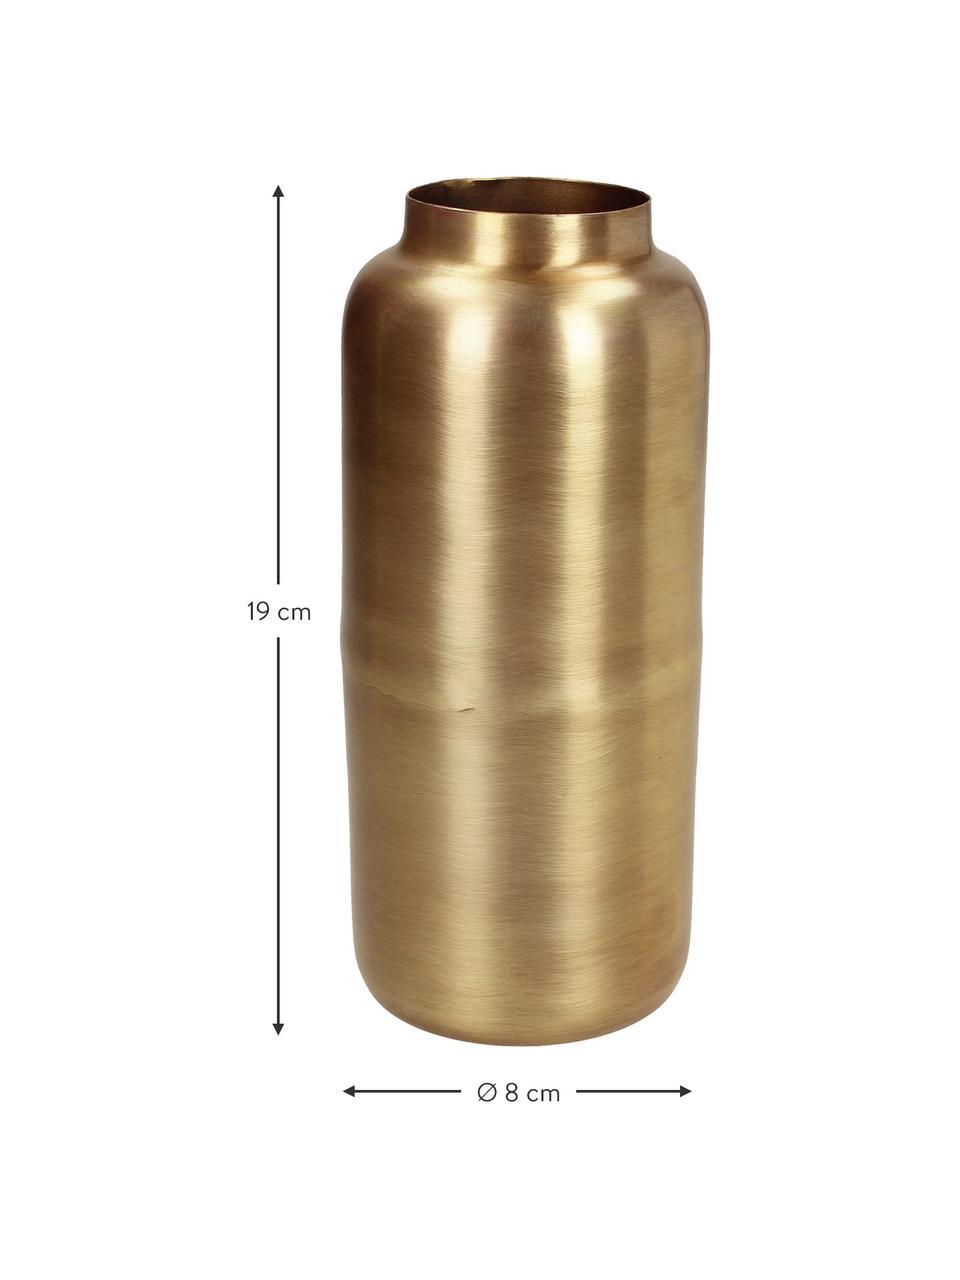 Wazon dekoracyjny z metalu Simply, Metal powlekany i niewodoodporny, Odcienie mosiądzu, Ø 8 x W 19 cm